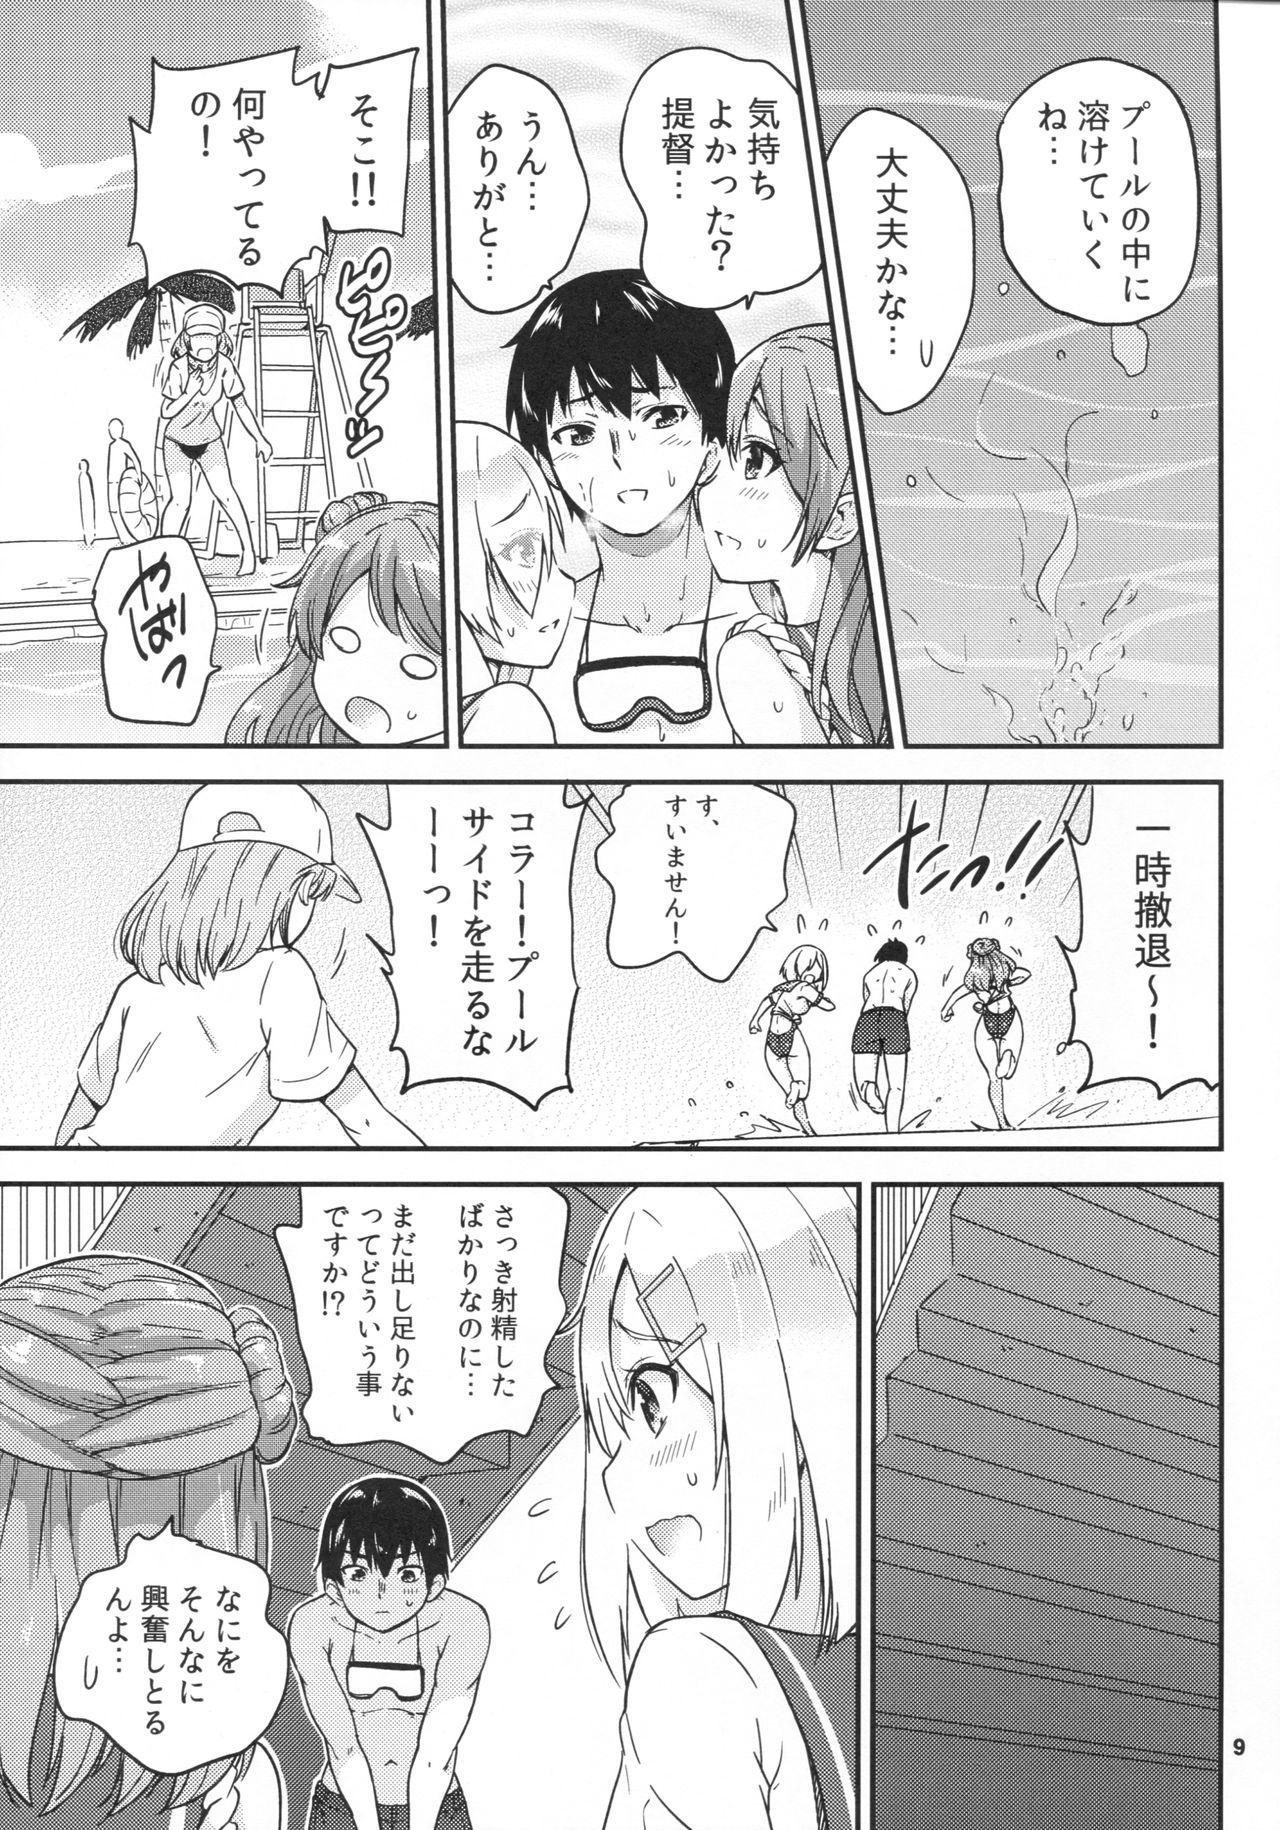 Hamakaze mo! Urakaze mo! Shimin Pool 3P Kouryakusen 9